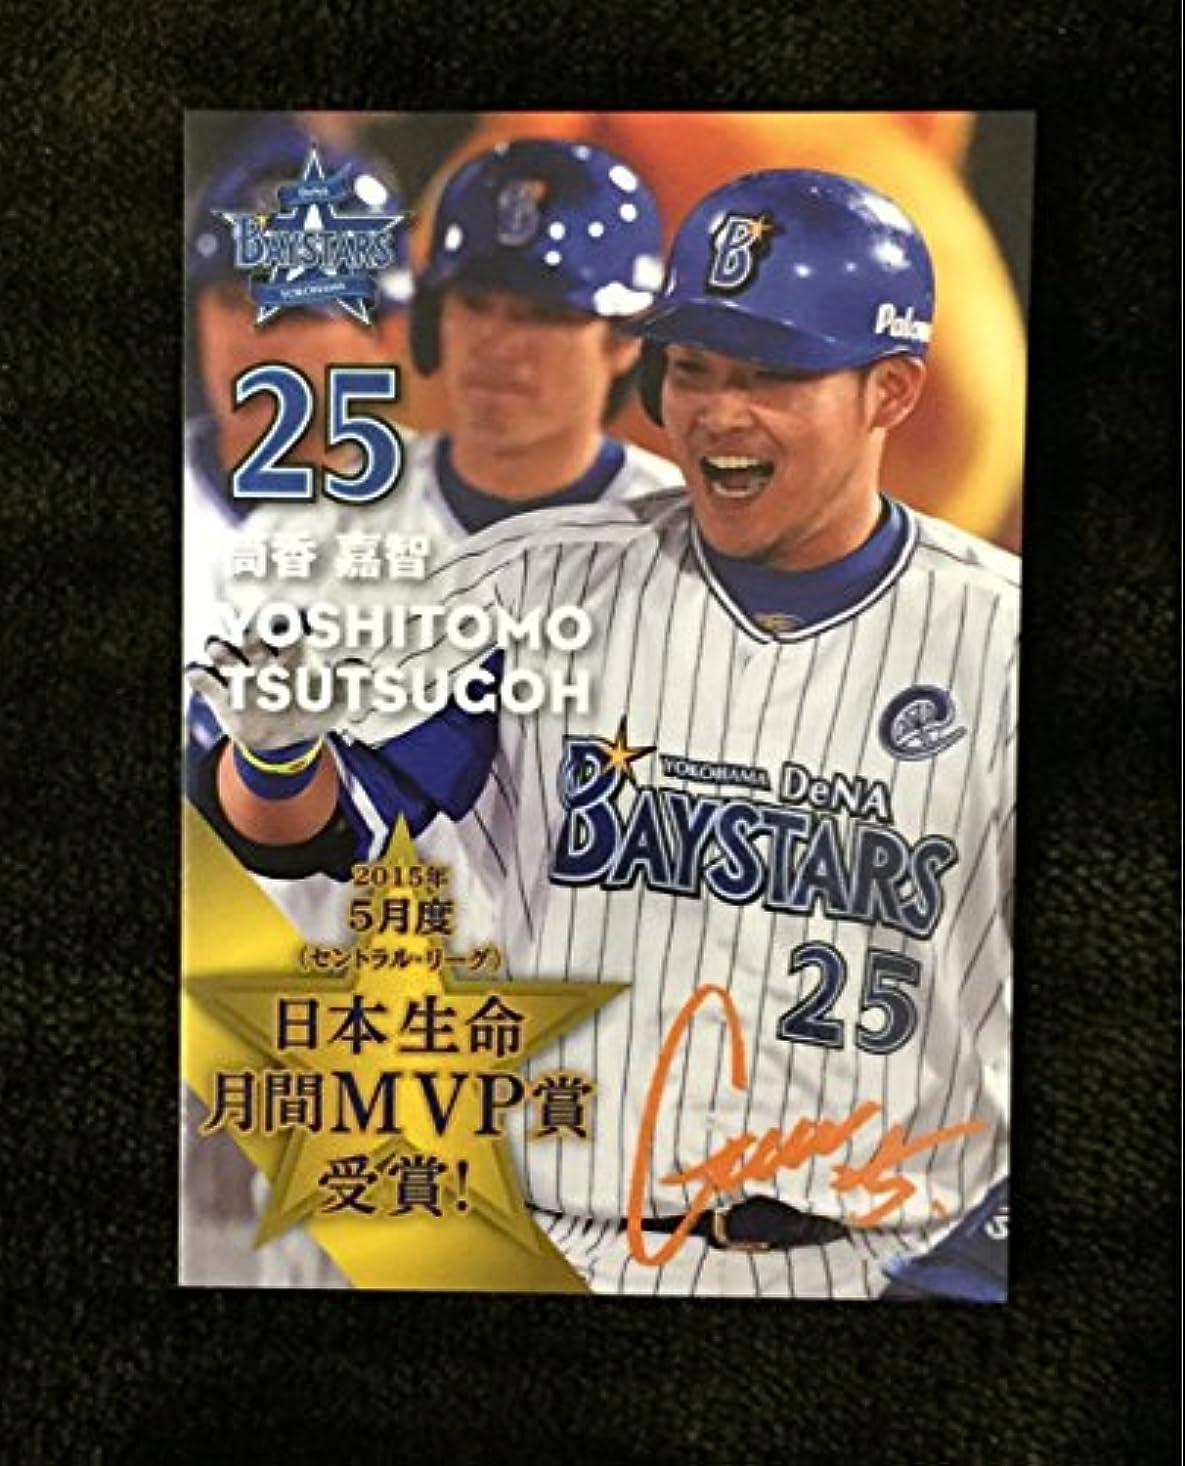 東方特殊落胆する横浜ベイスターズ 月間MVPカード #25筒香嘉智